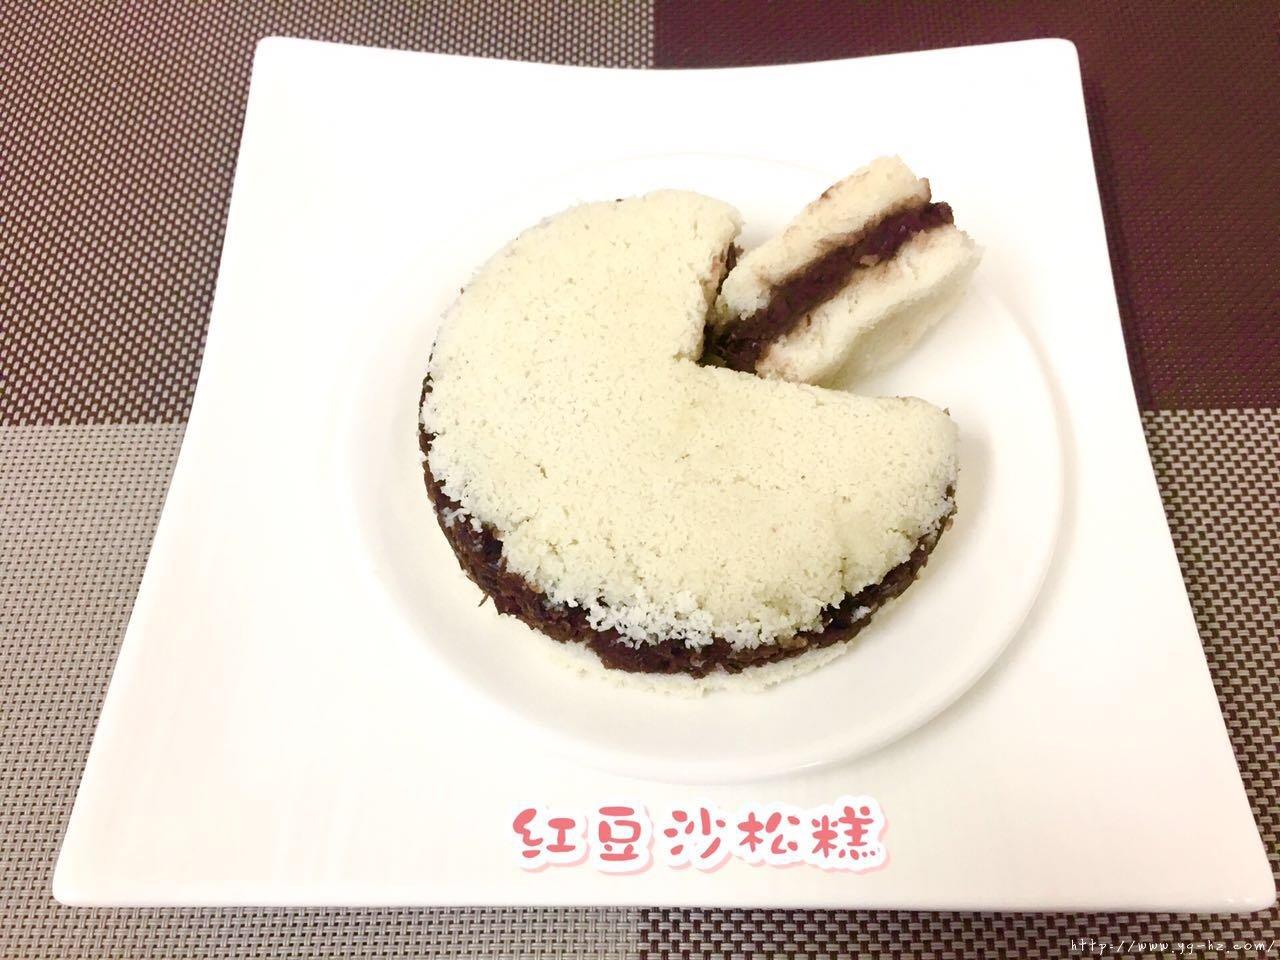 红豆沙松糕(超级详细菜鸟级TIPS)的做法